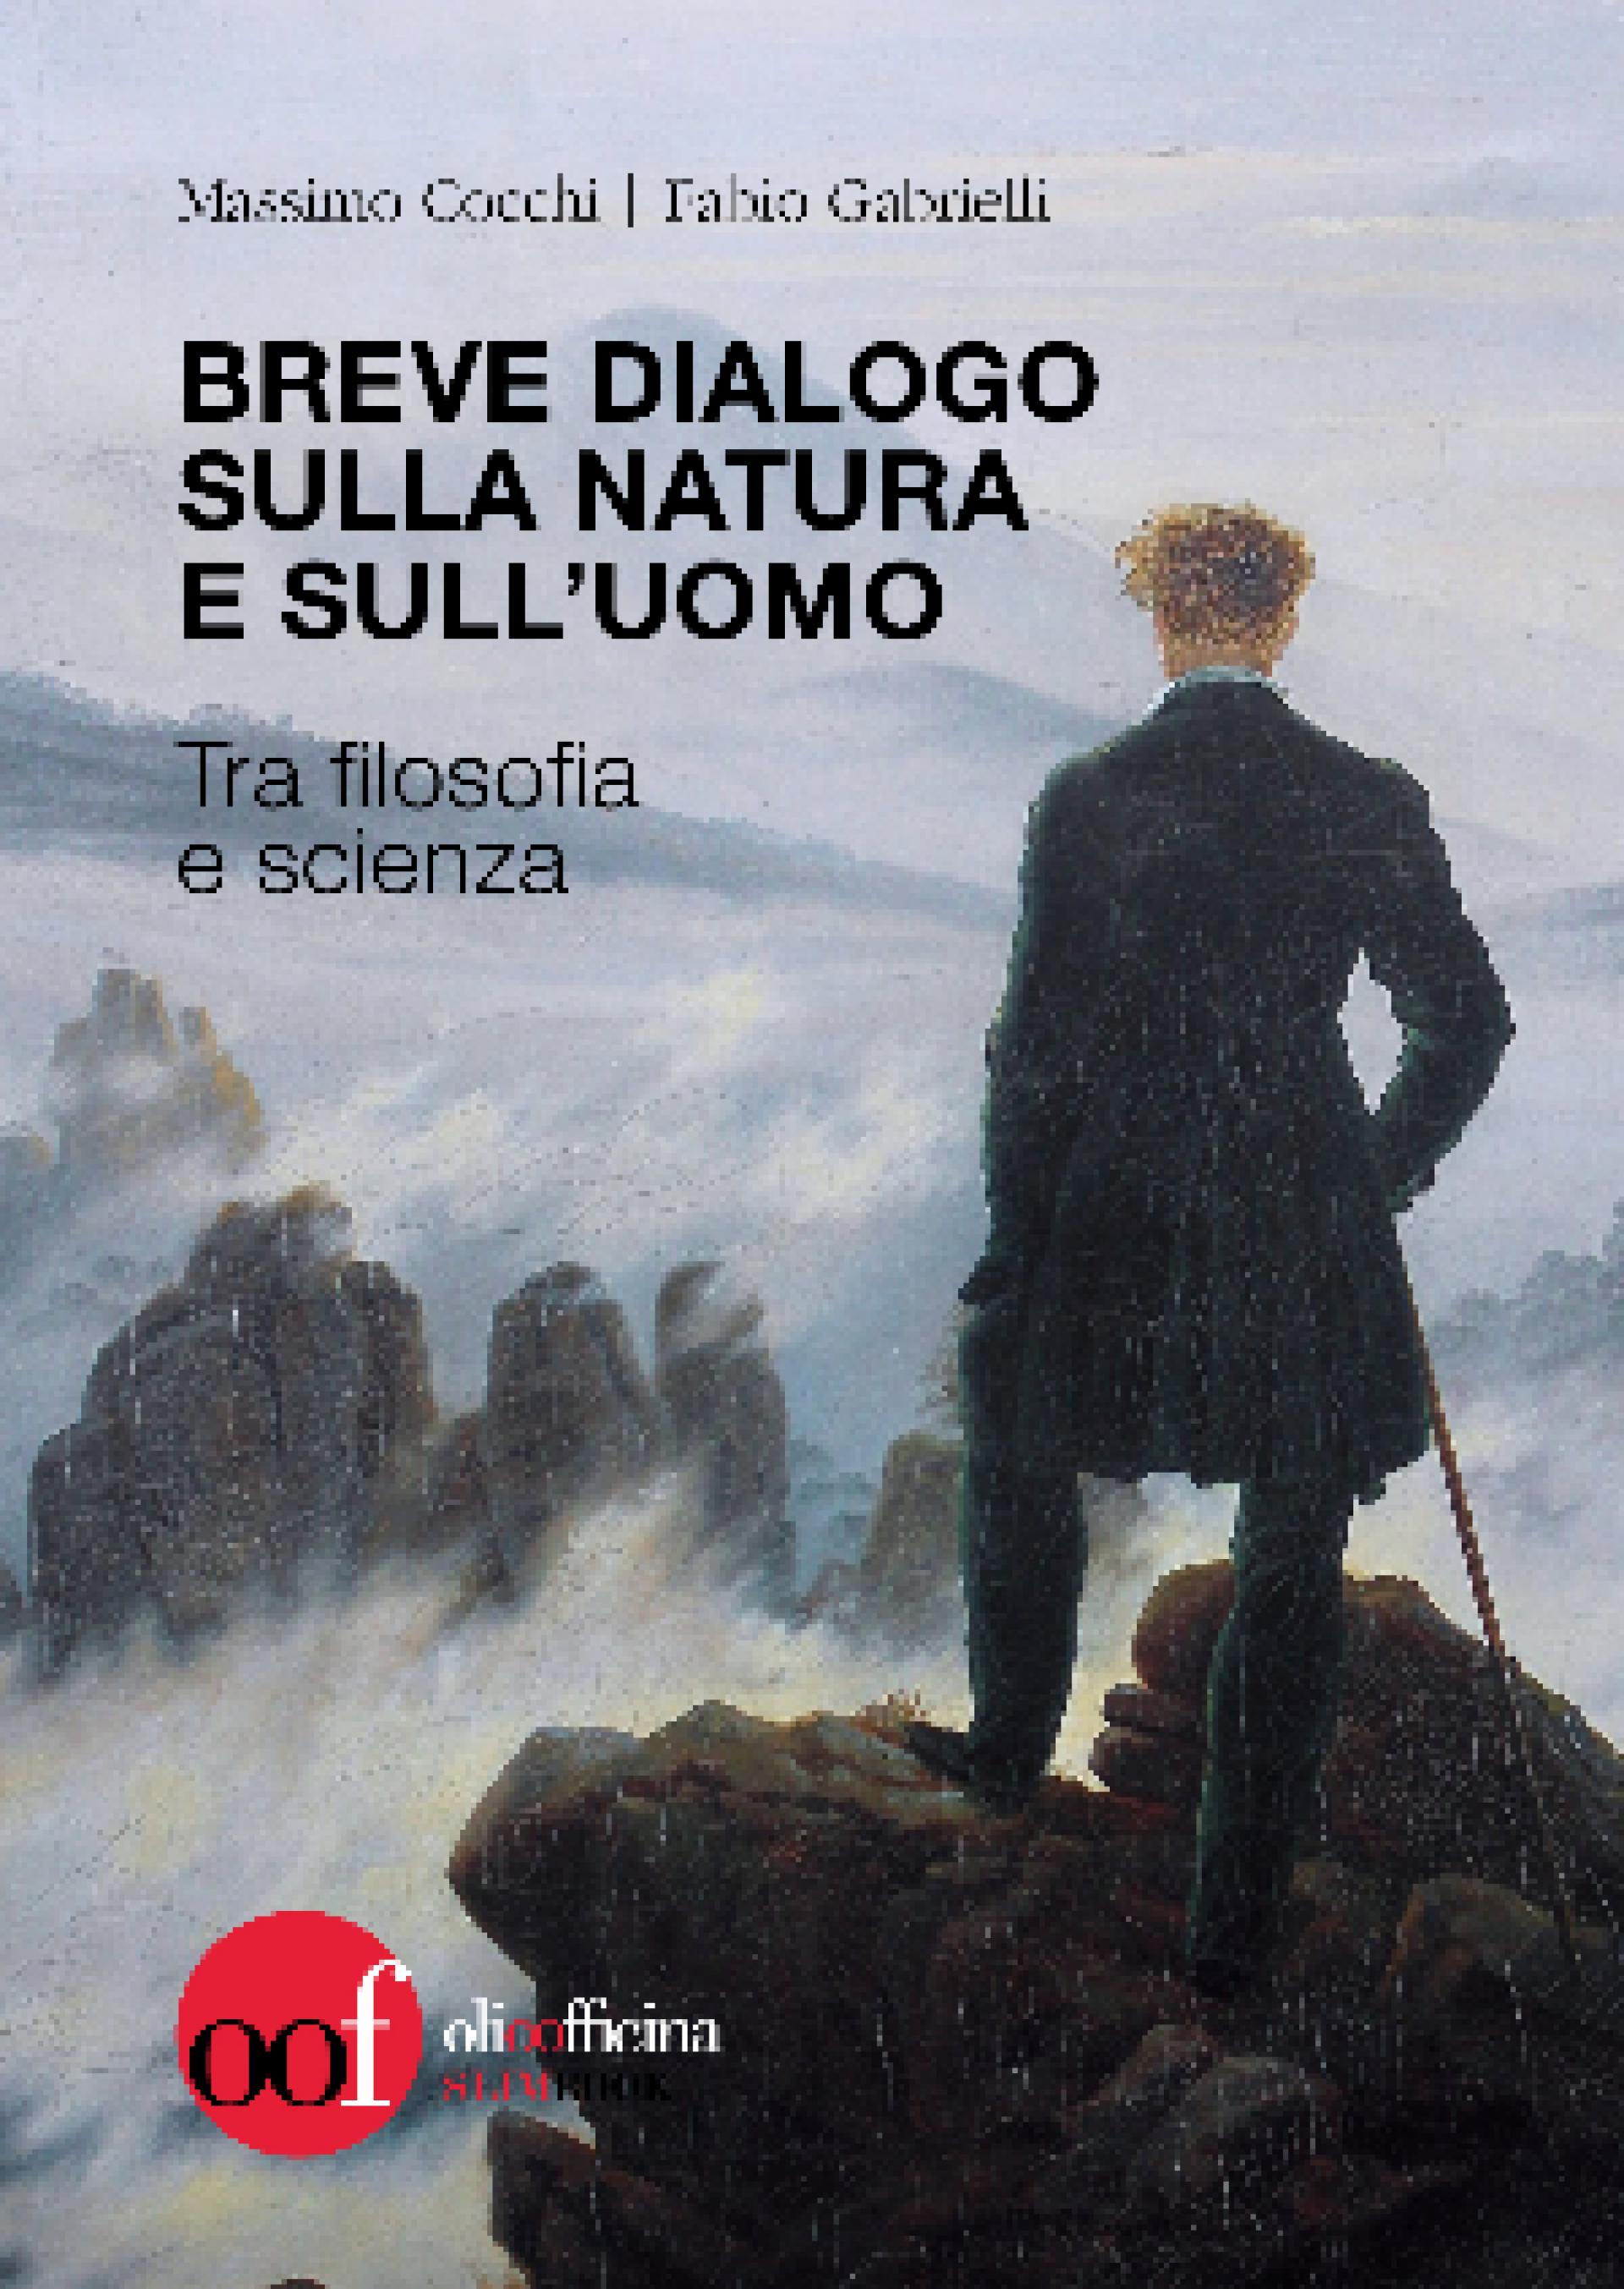 Breve dialogo sulla natura e sull'uomo. Tra filosofia e scienza